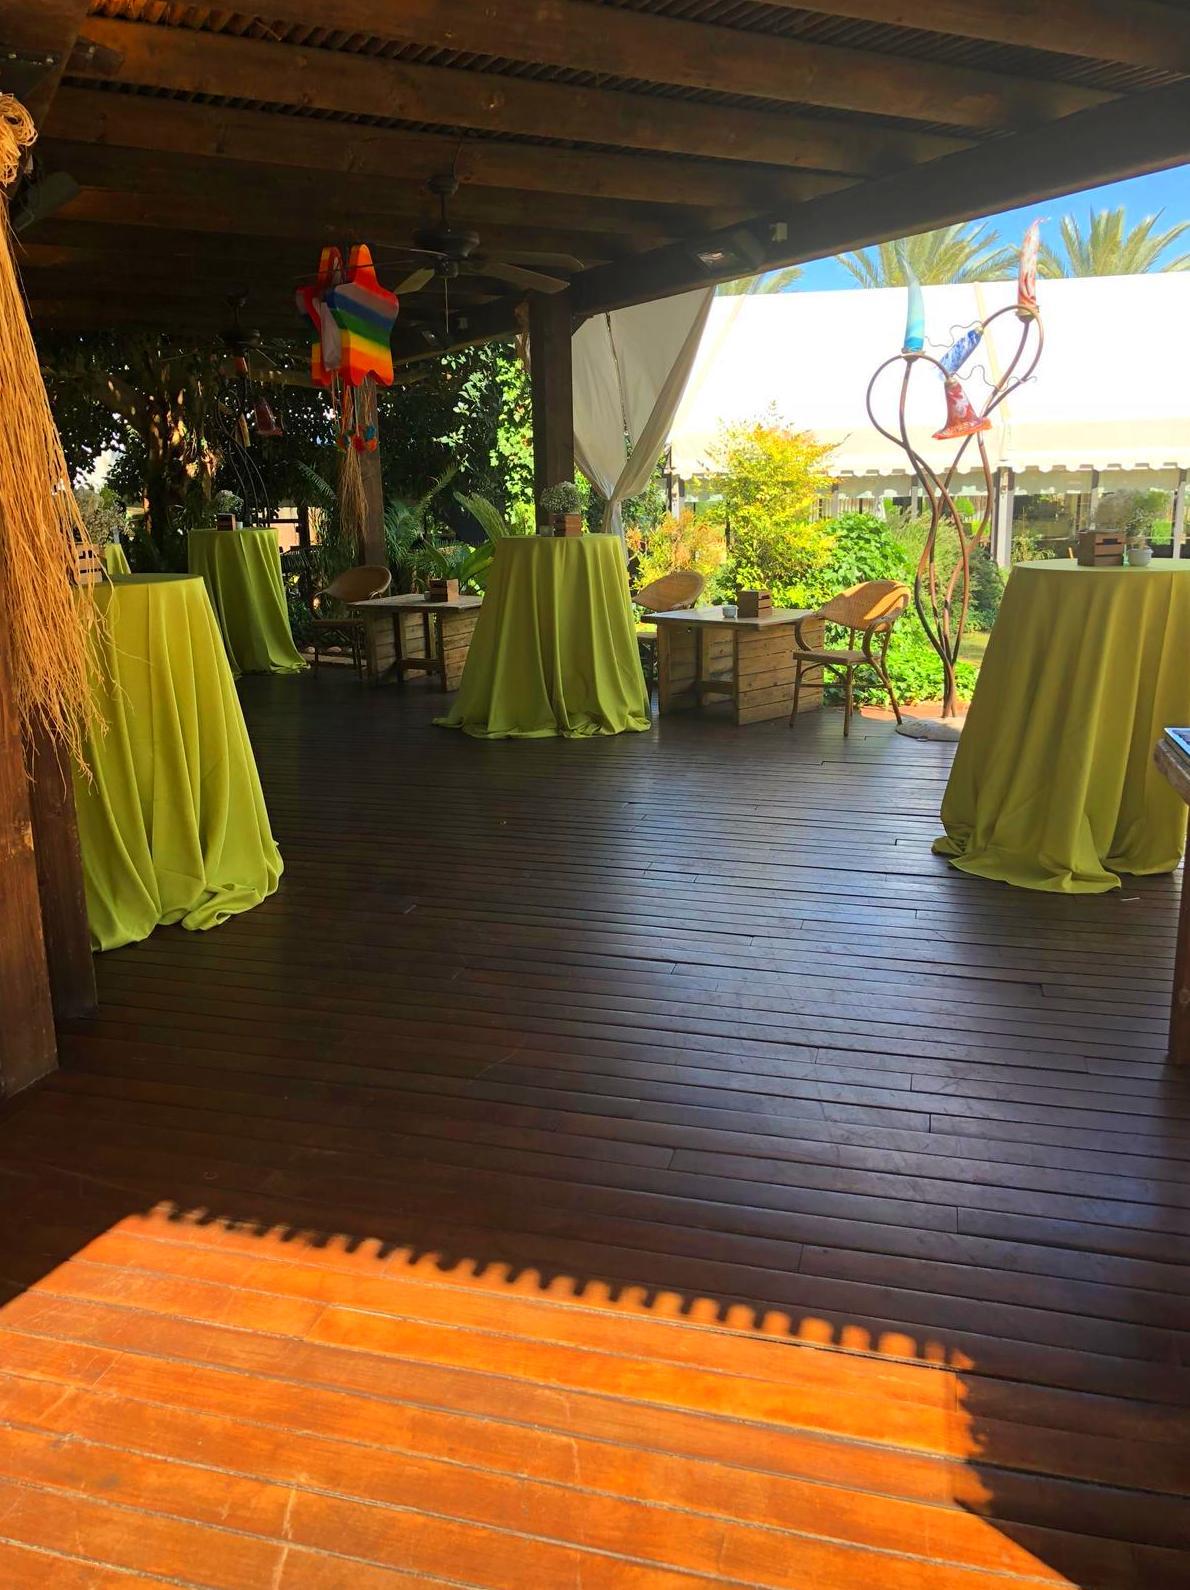 Foto 1 de Alquiler de sillas, mesas y menaje en El Palmar | Mantelería & Menaje